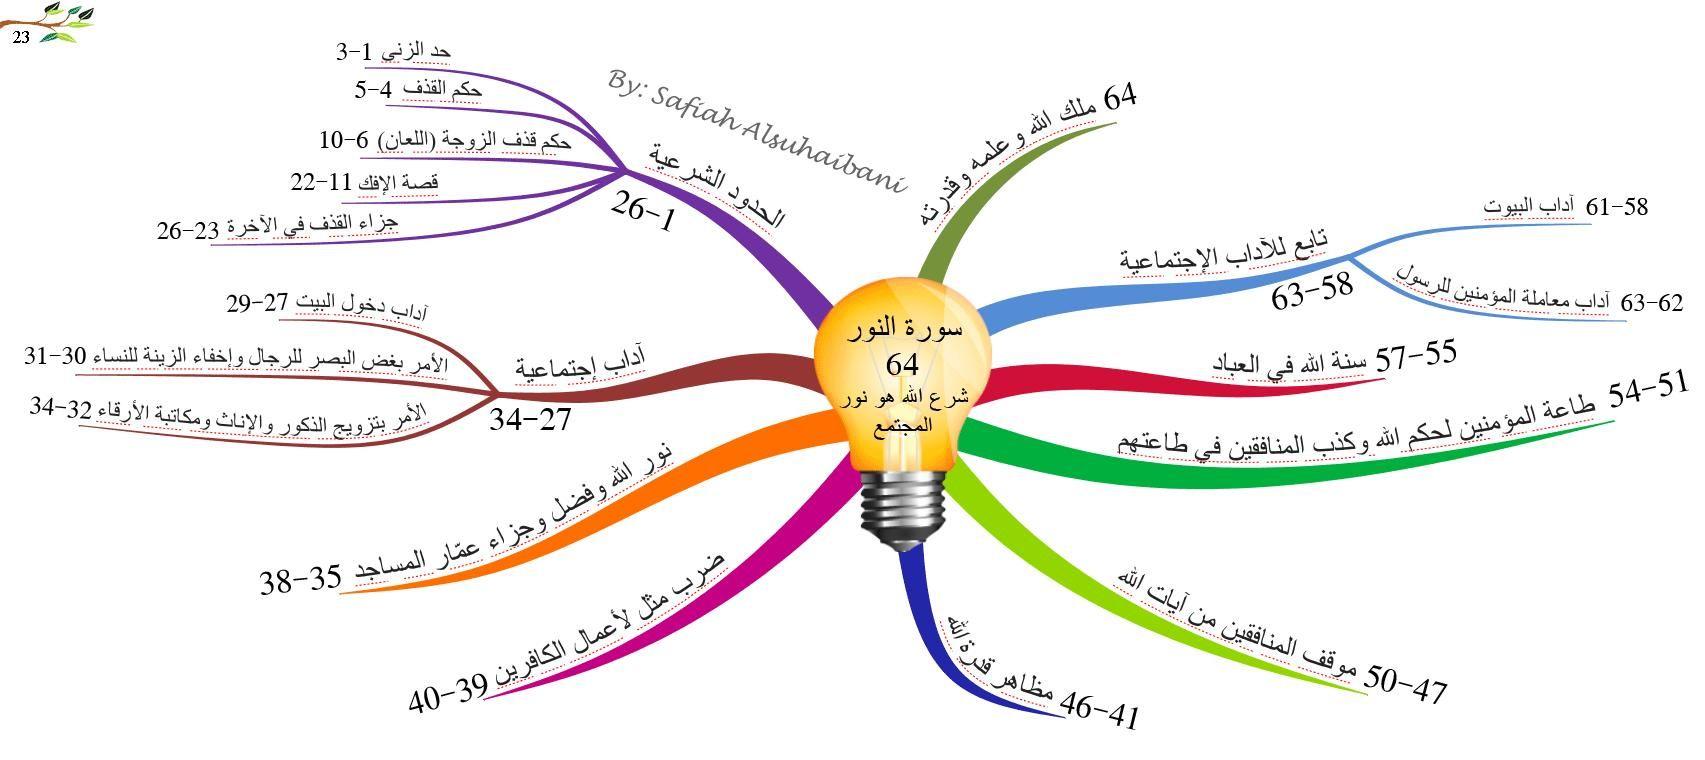 تصميم خريطة مفاهيم